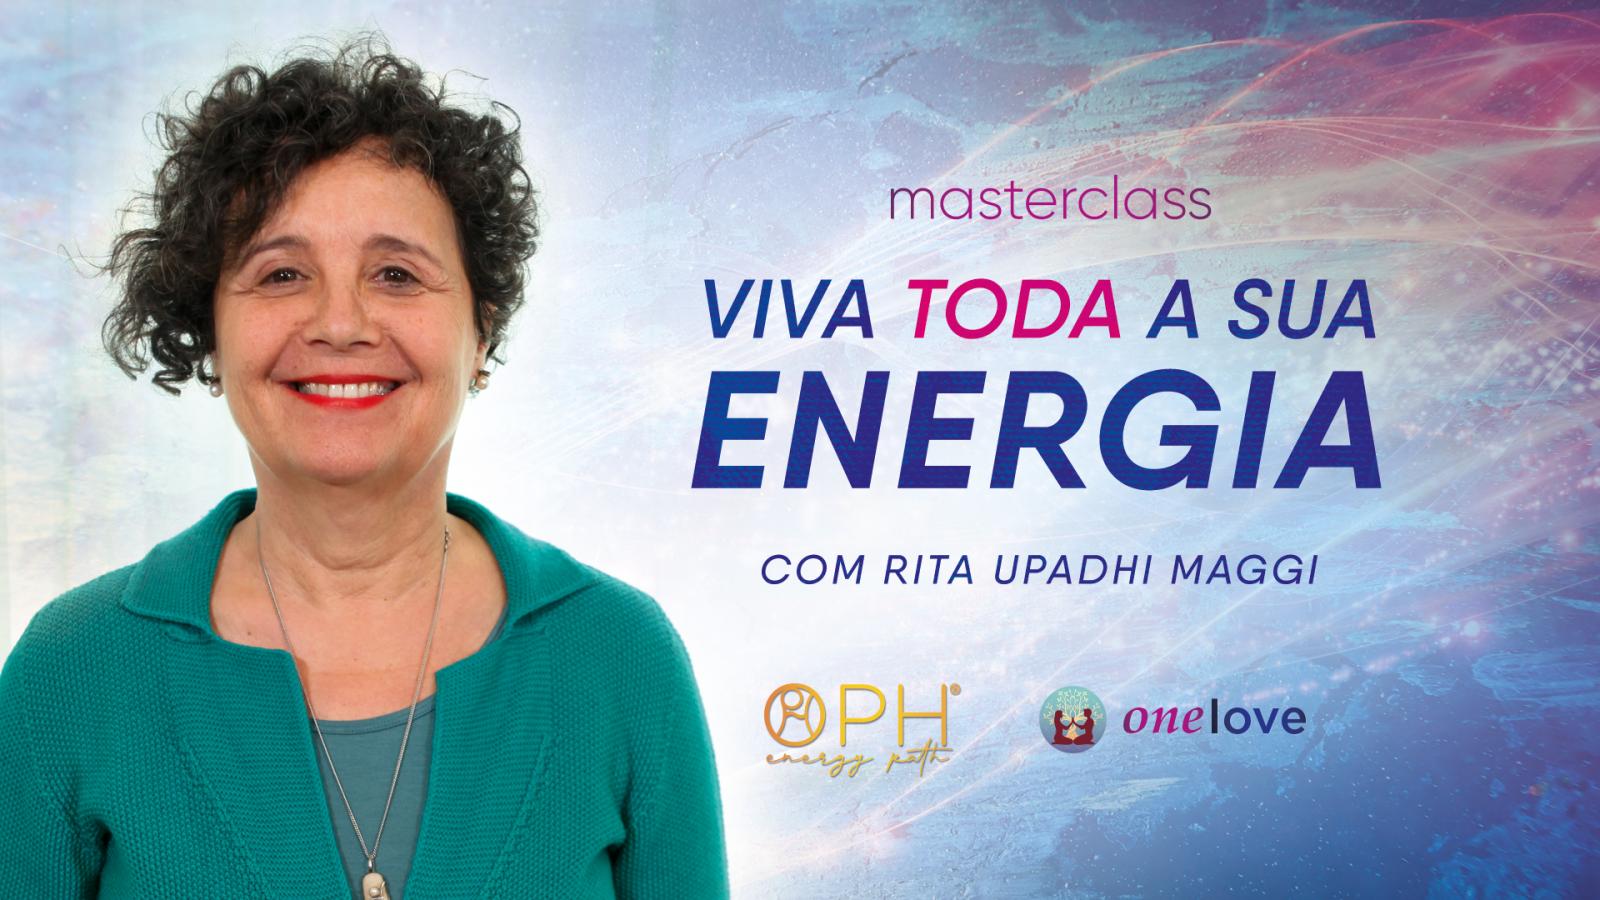 Viva Toda Sua Energia - Masterclass grátis